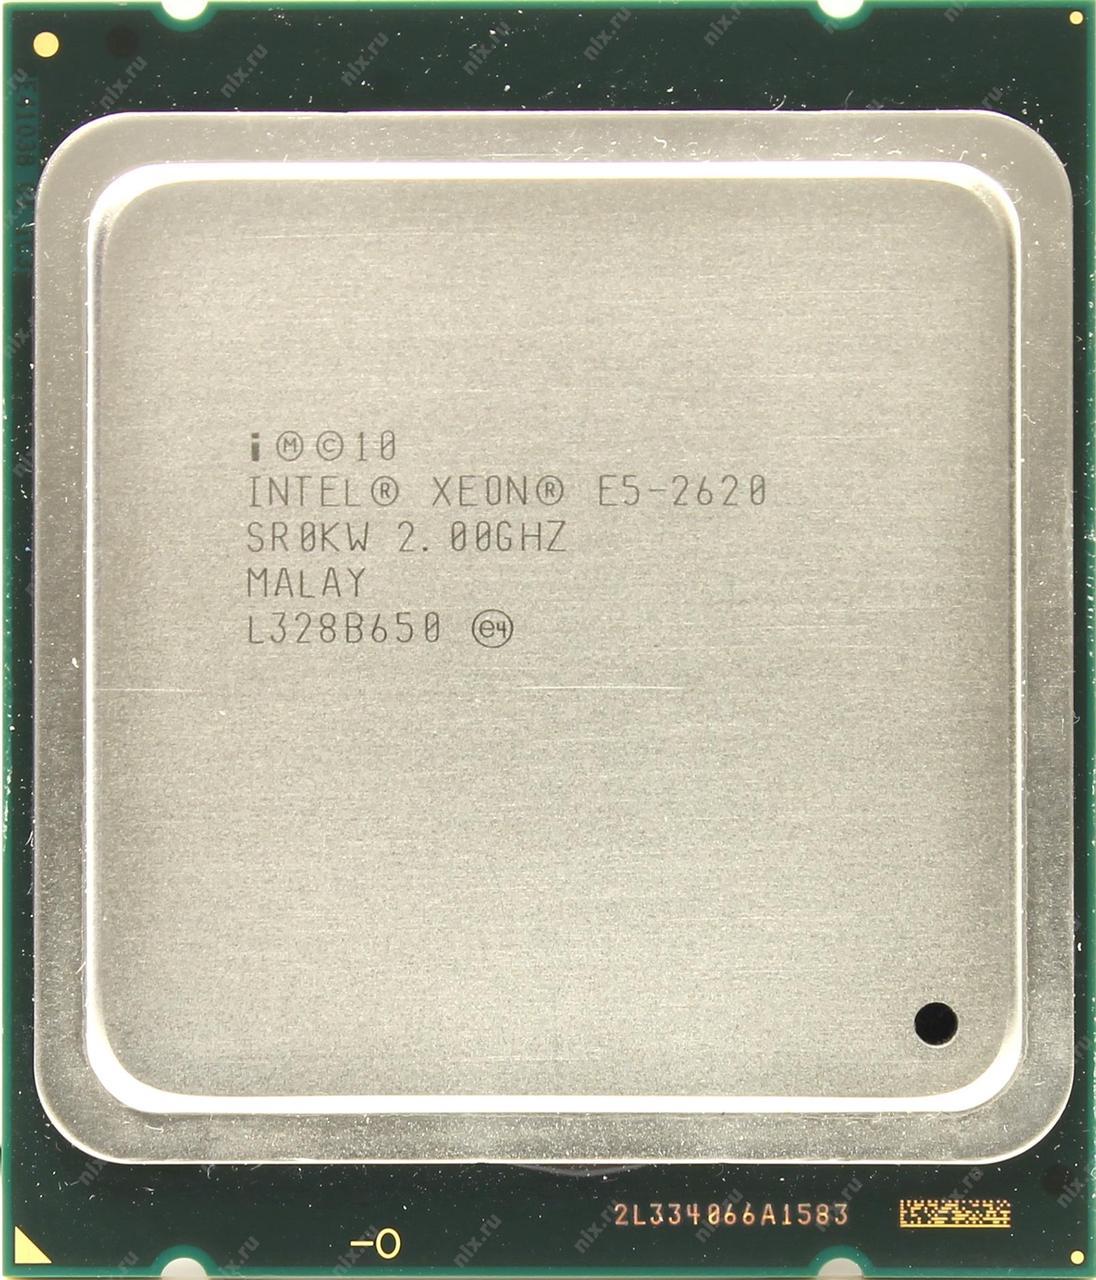 Процессор Intel Xeon E5-2620 2.0-2.5 GHz, 6 ядер, 15M кеш, LGA 2011